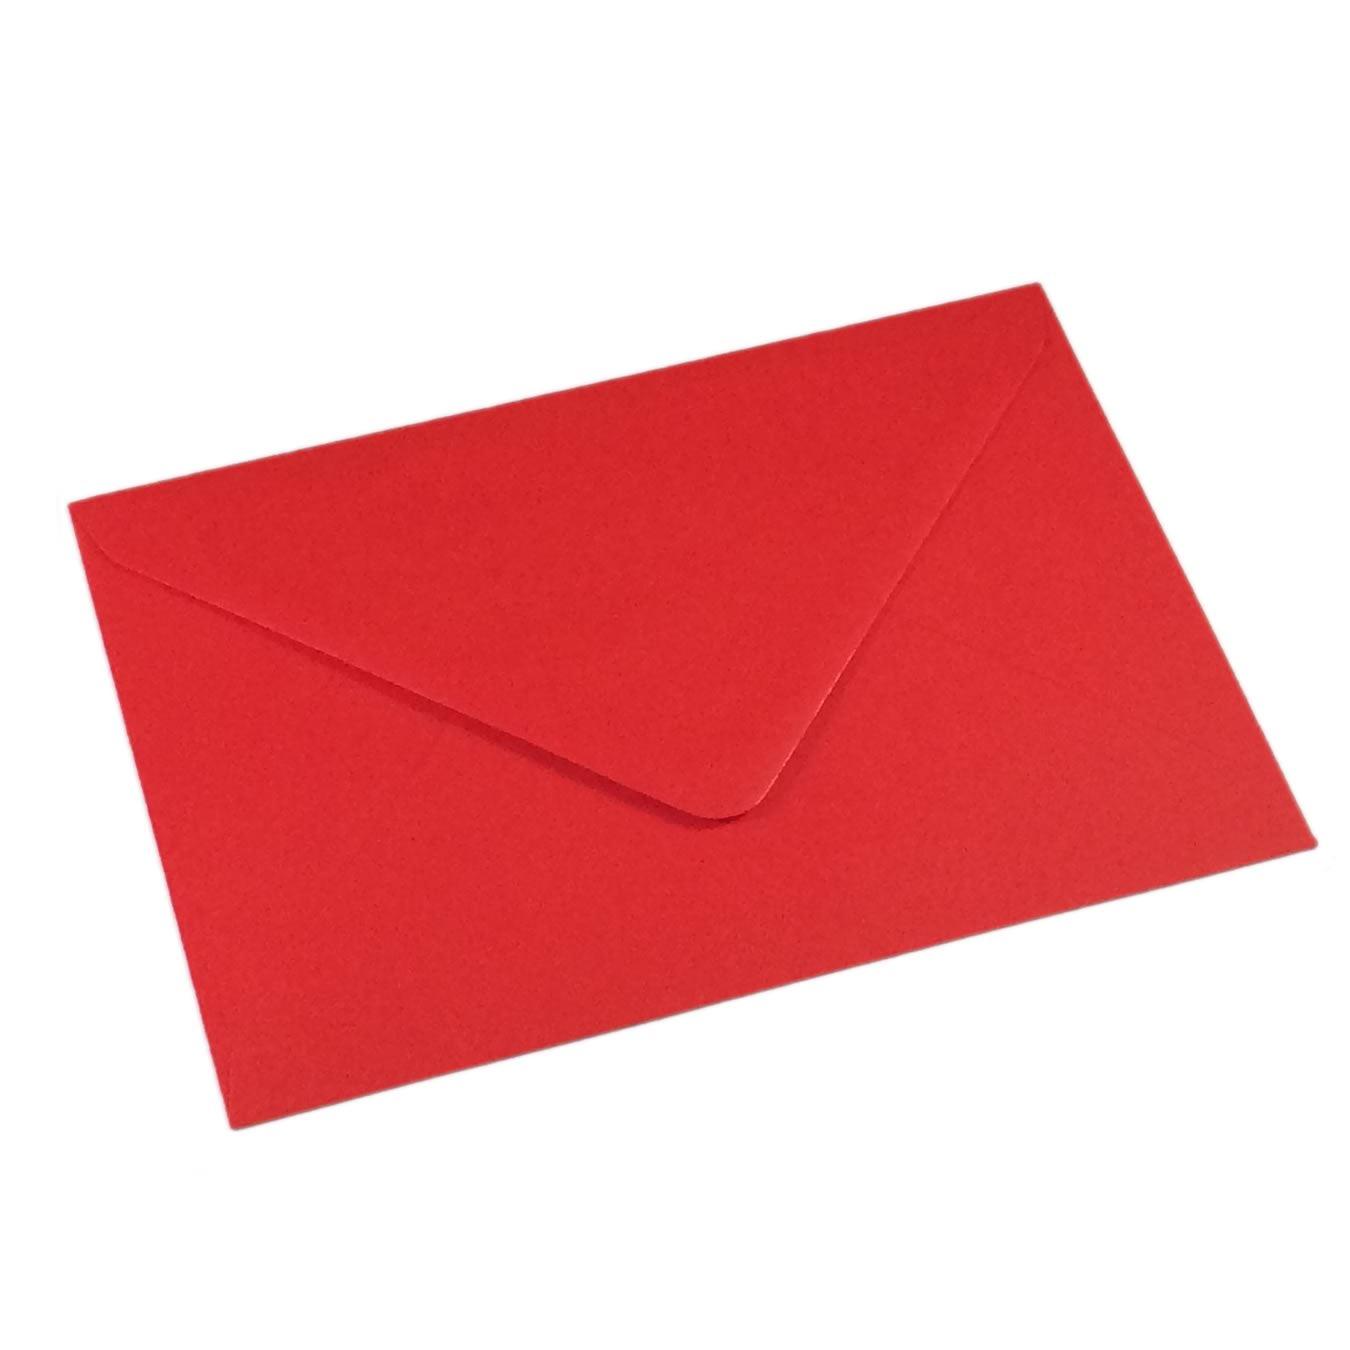 C6 poppy red